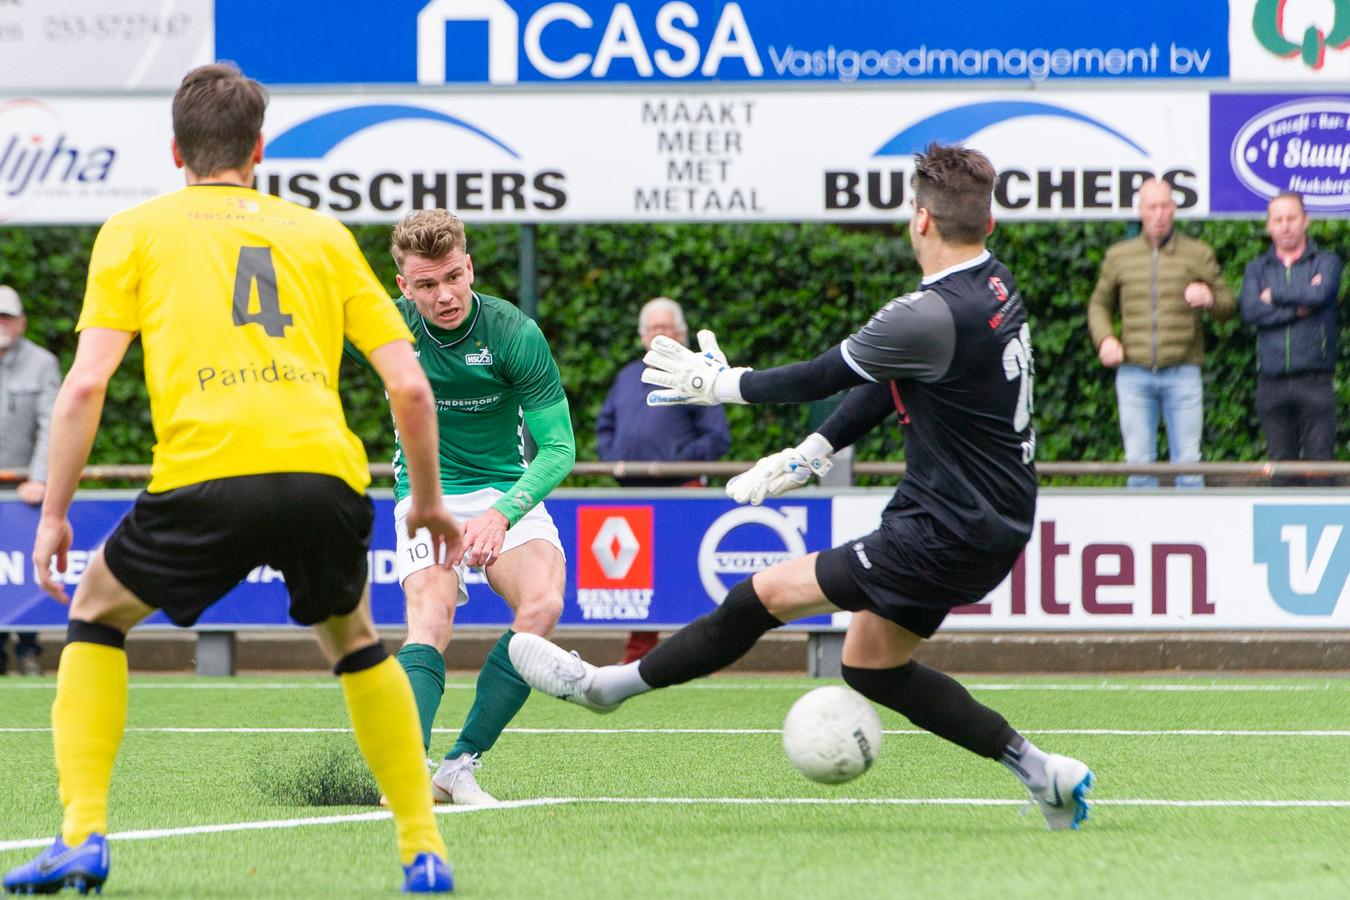 Bas ter Hogt haalt doeltreffend uit voor HSC'21 tegen UNA: 1-0. Het bleek de winnende treffer voor de derdedivisionist uit Haaksbergen.